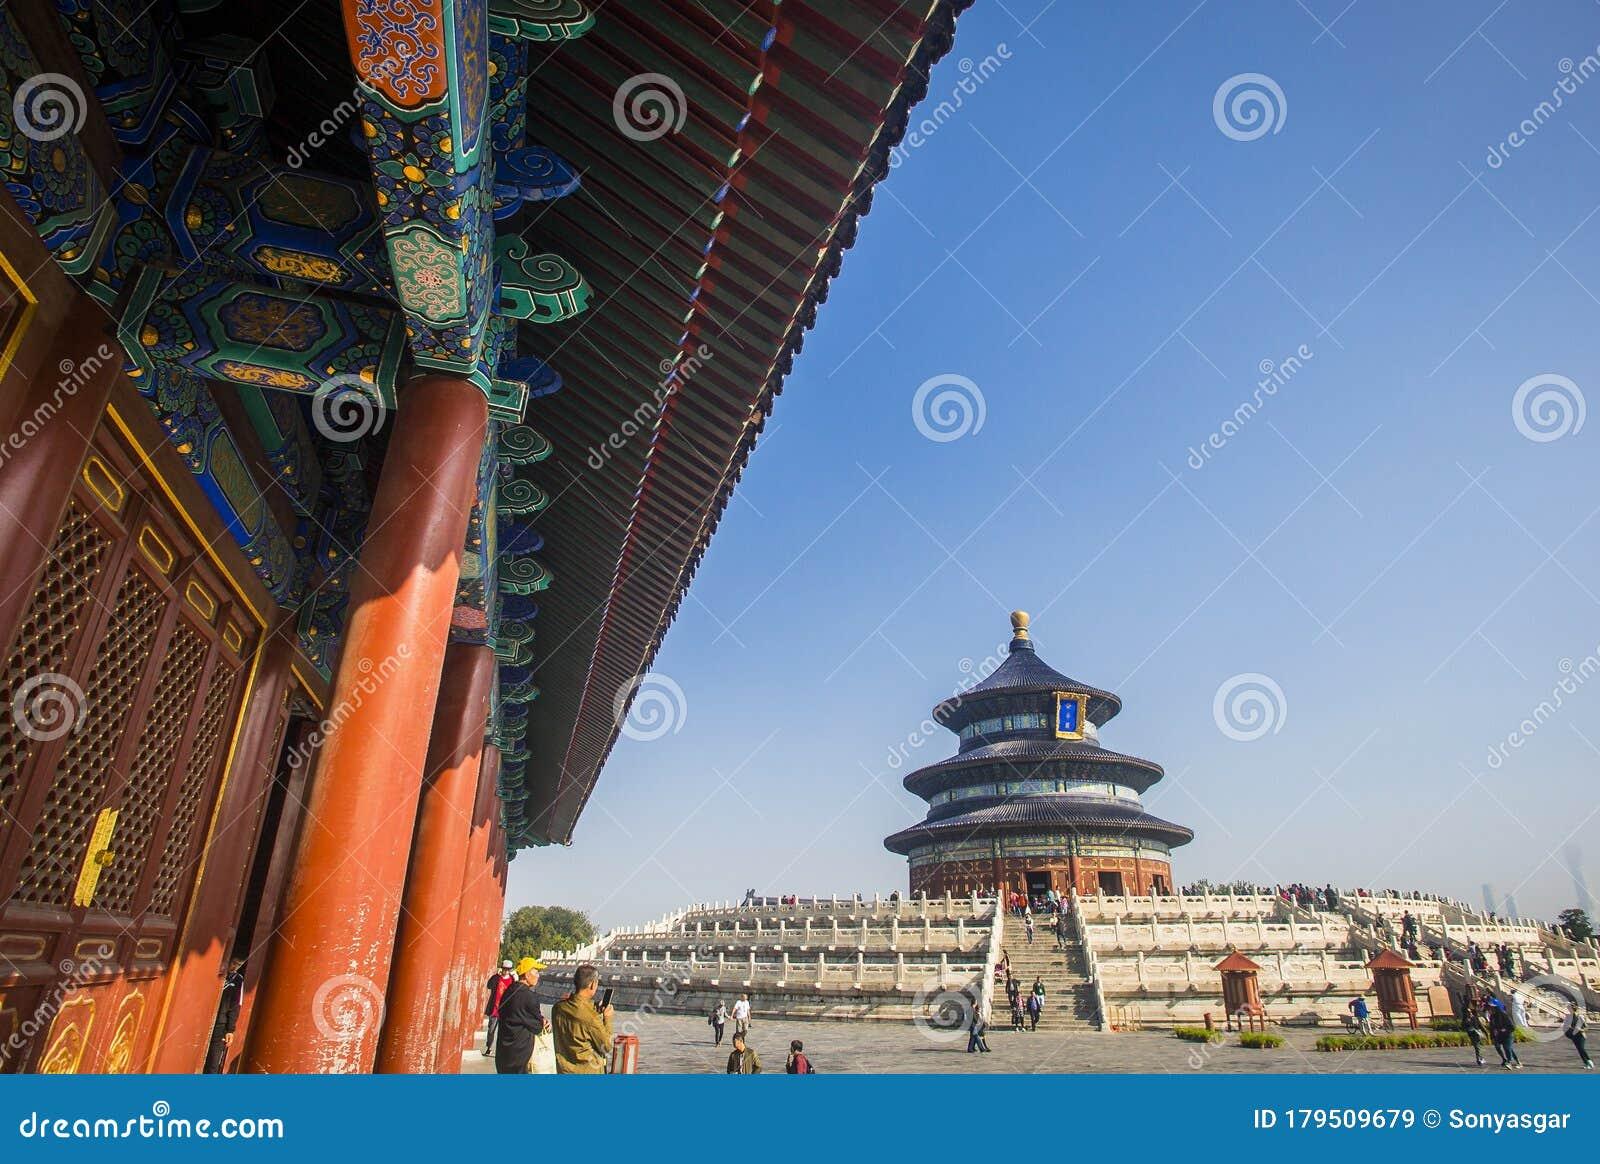 Wonderful by the sight: China Wonderful